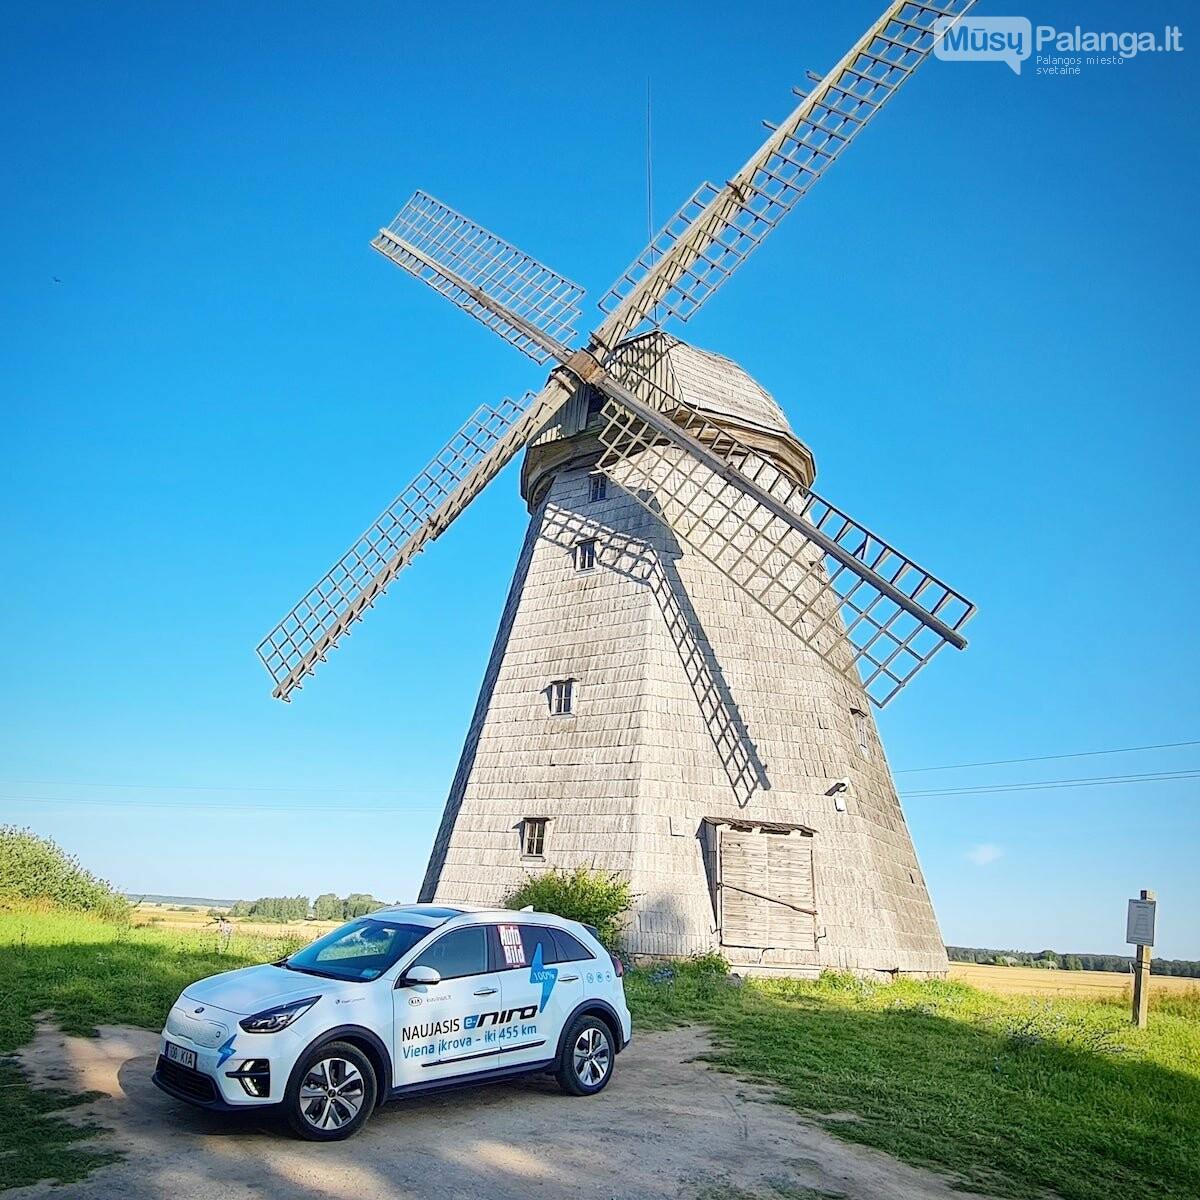 Naujas rekordas: elektromobiliu aplink Lietuvą per 22 valandas, nuotrauka-11, Vytauto PILKAUSKO ir rekordo autorių nuotr.